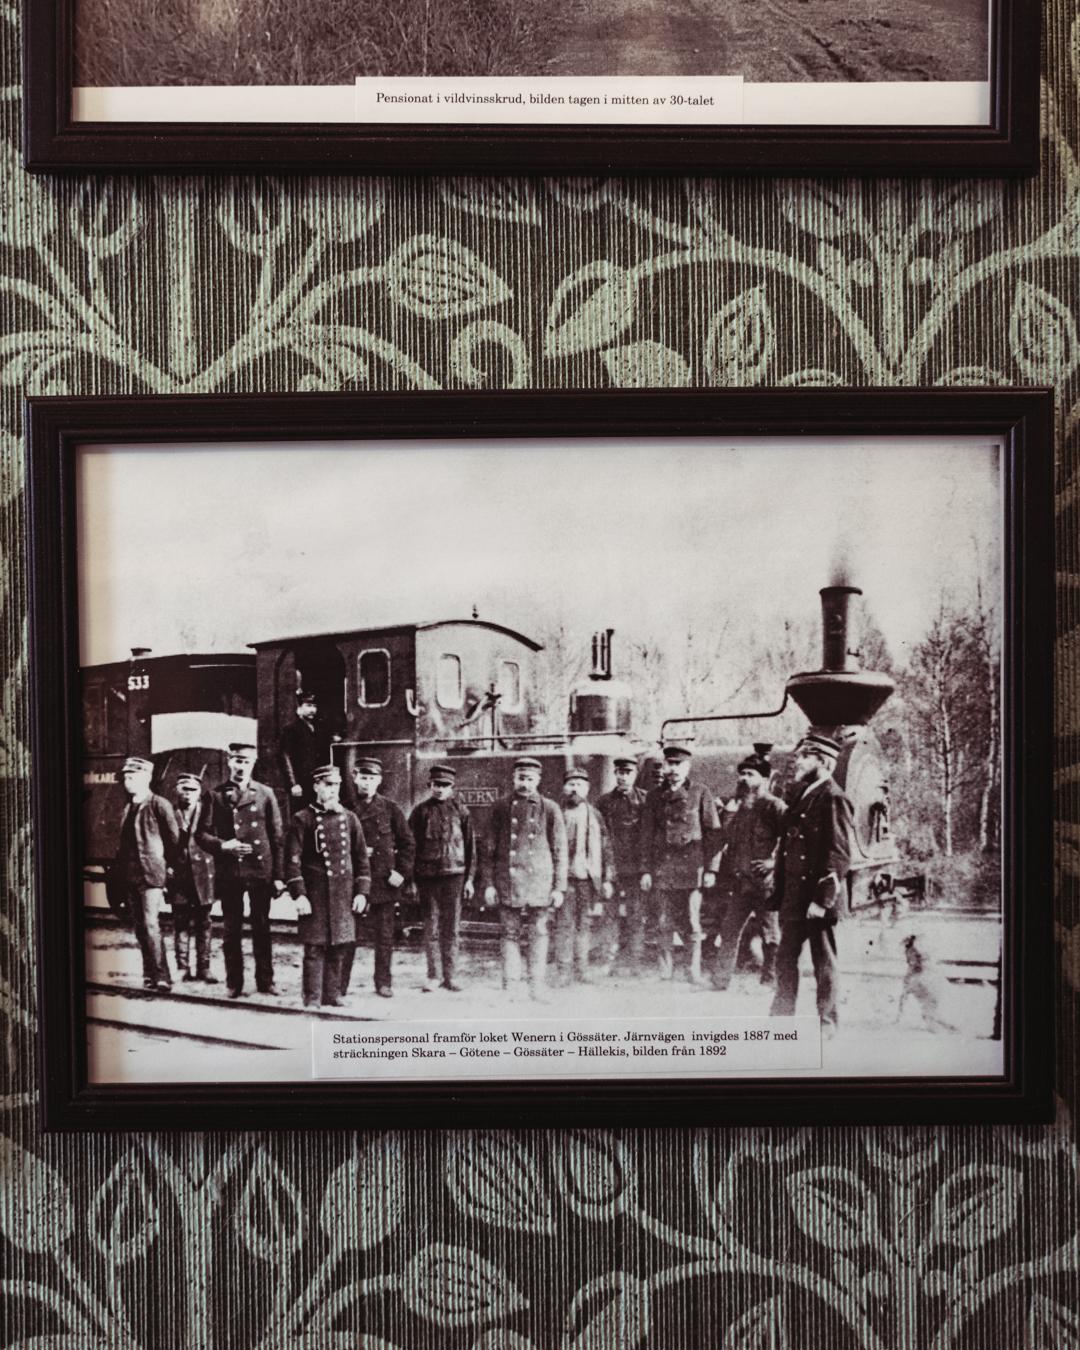 Stationspersonal i Gössäter, 1892.